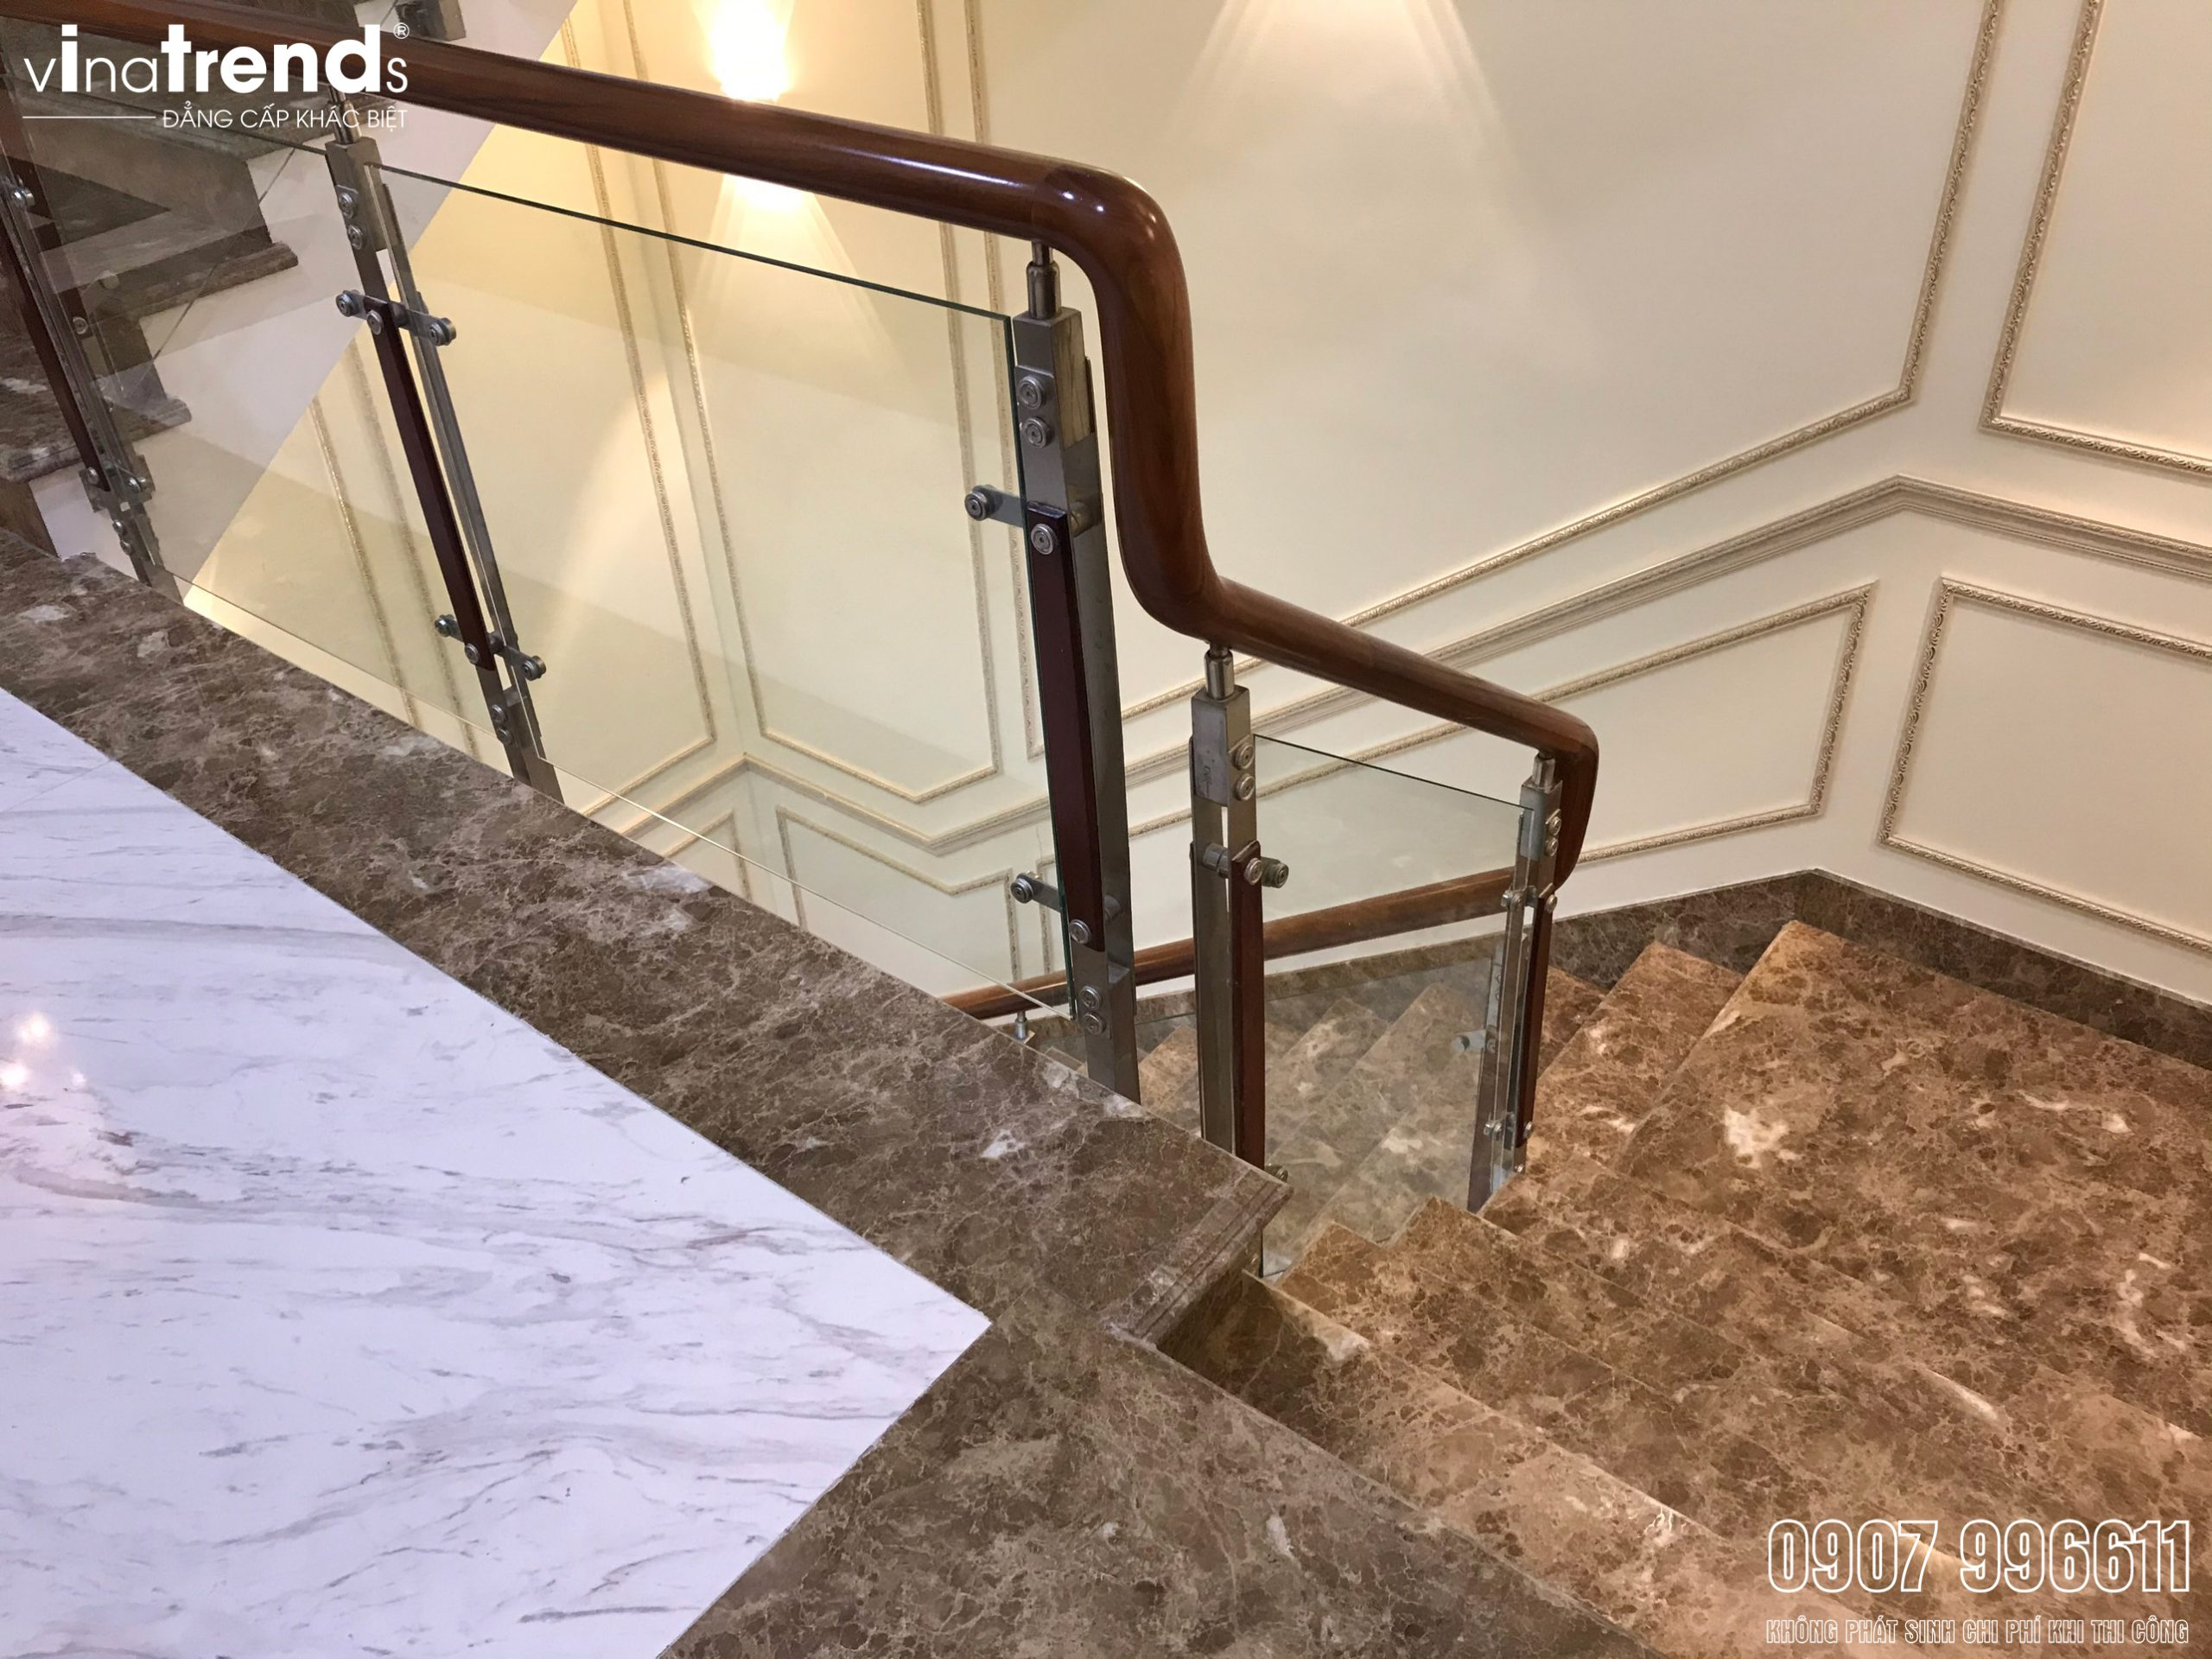 a088a00d83057a5b2314 scaled VinaTrends   Công ty xây dựng tại Đồng Nai hơn 499 công trình thiết kế xây nhà trọn gói trên toàn Việt Nam